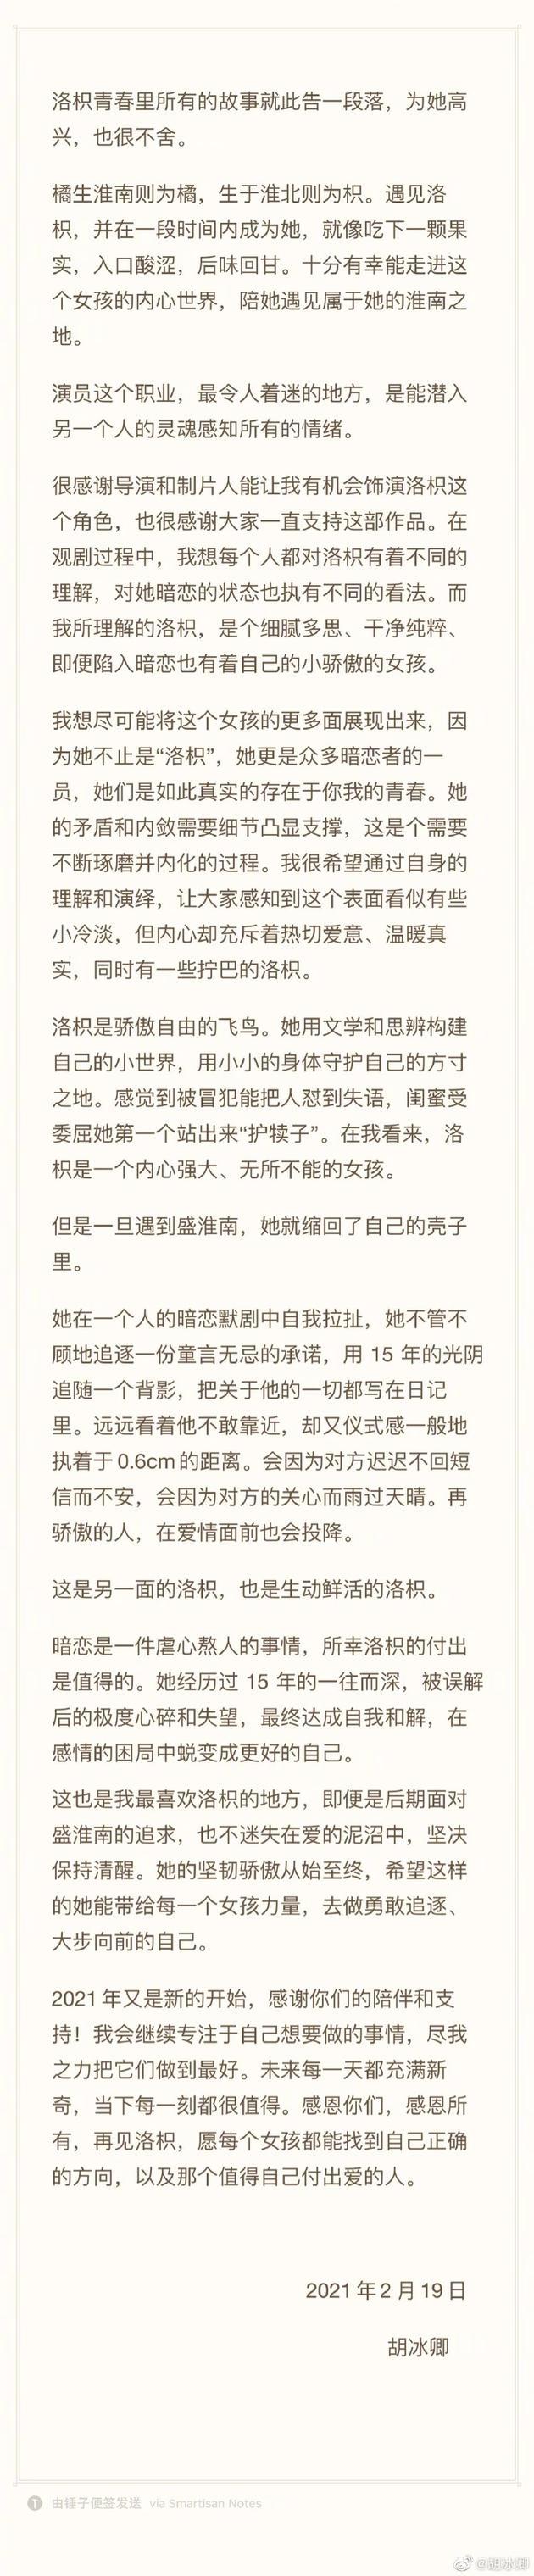 胡冰卿发长文告别洛枳:感谢遇见过你感受过你